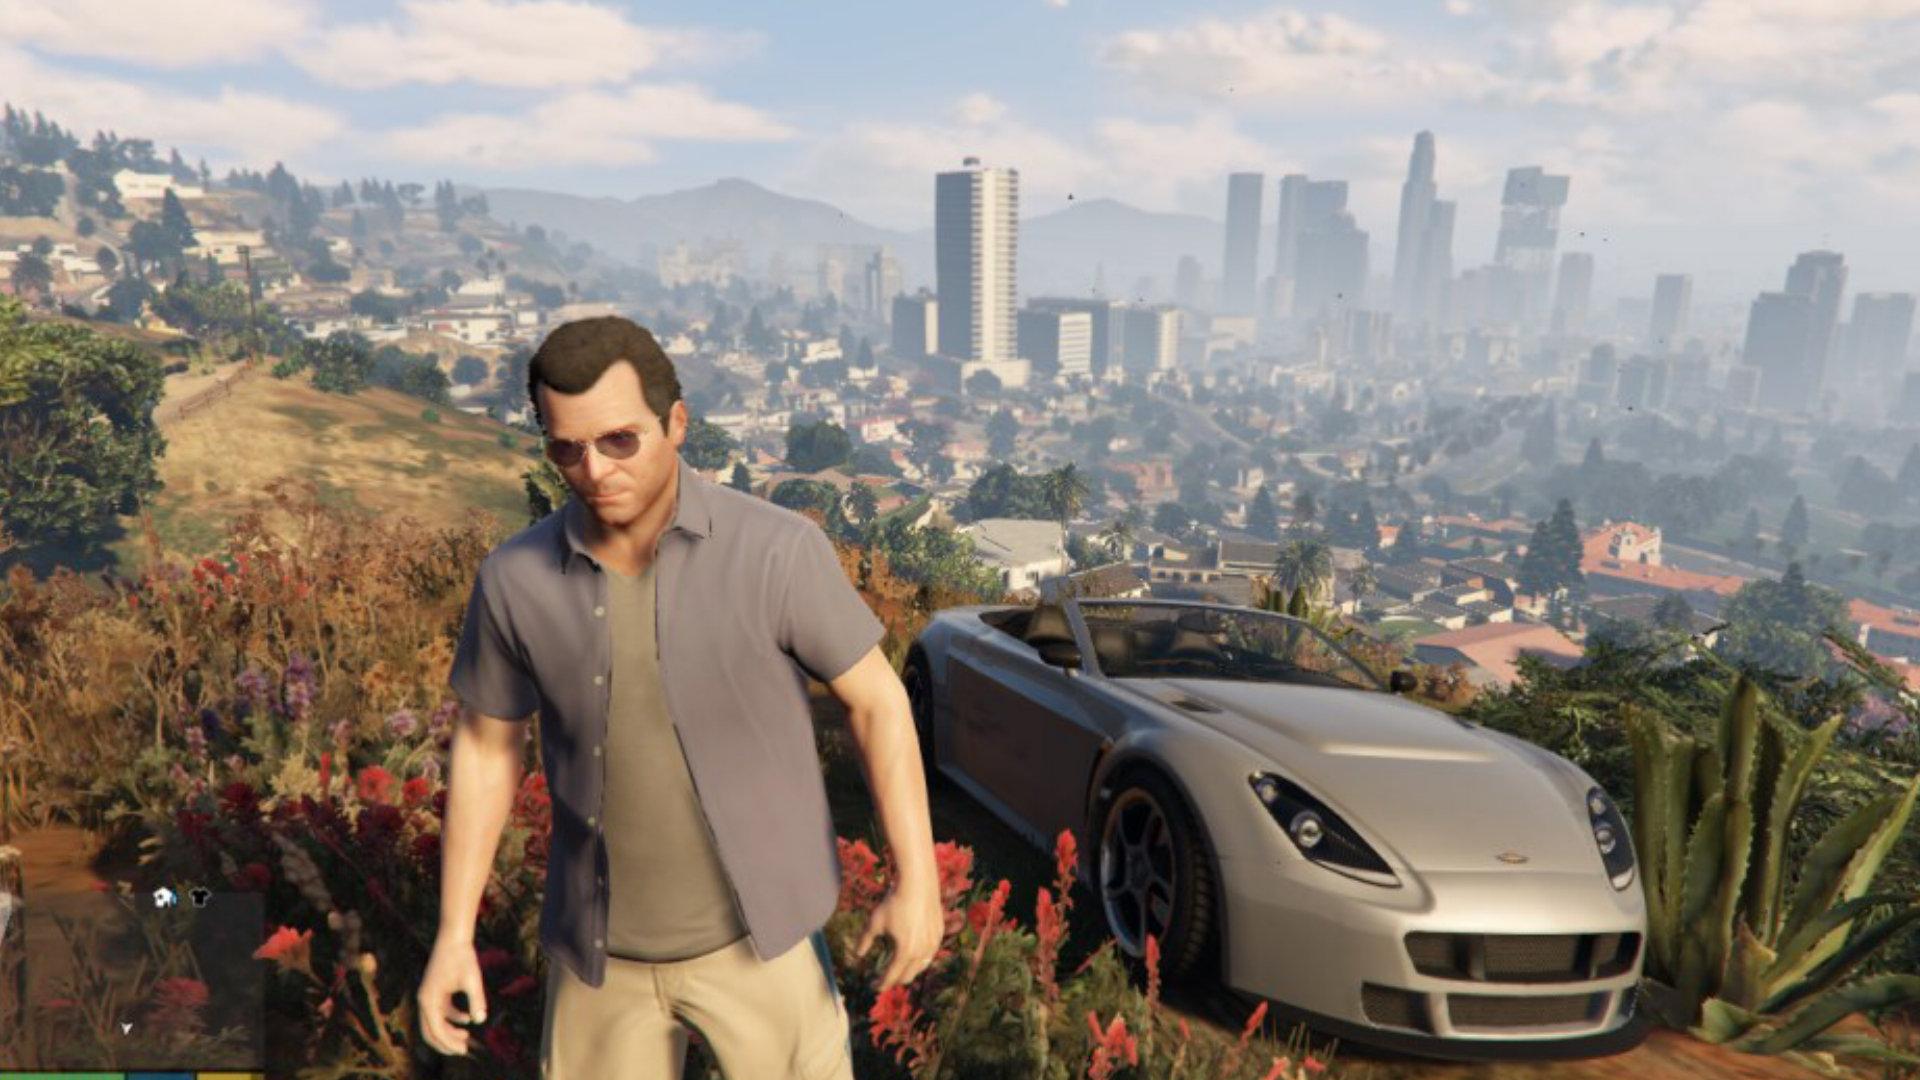 Von Mercenarys Vektorwelt auf dem Weg zum Photorealismus: Grand Theft Auto V gibt zwar eine Handlung vor, überlässt es aber dem Spieler, diese wahrzunehmen oder seinen eigenen Open World-Abenteuern nachzugehen. (Bild: Andreas Wanda)